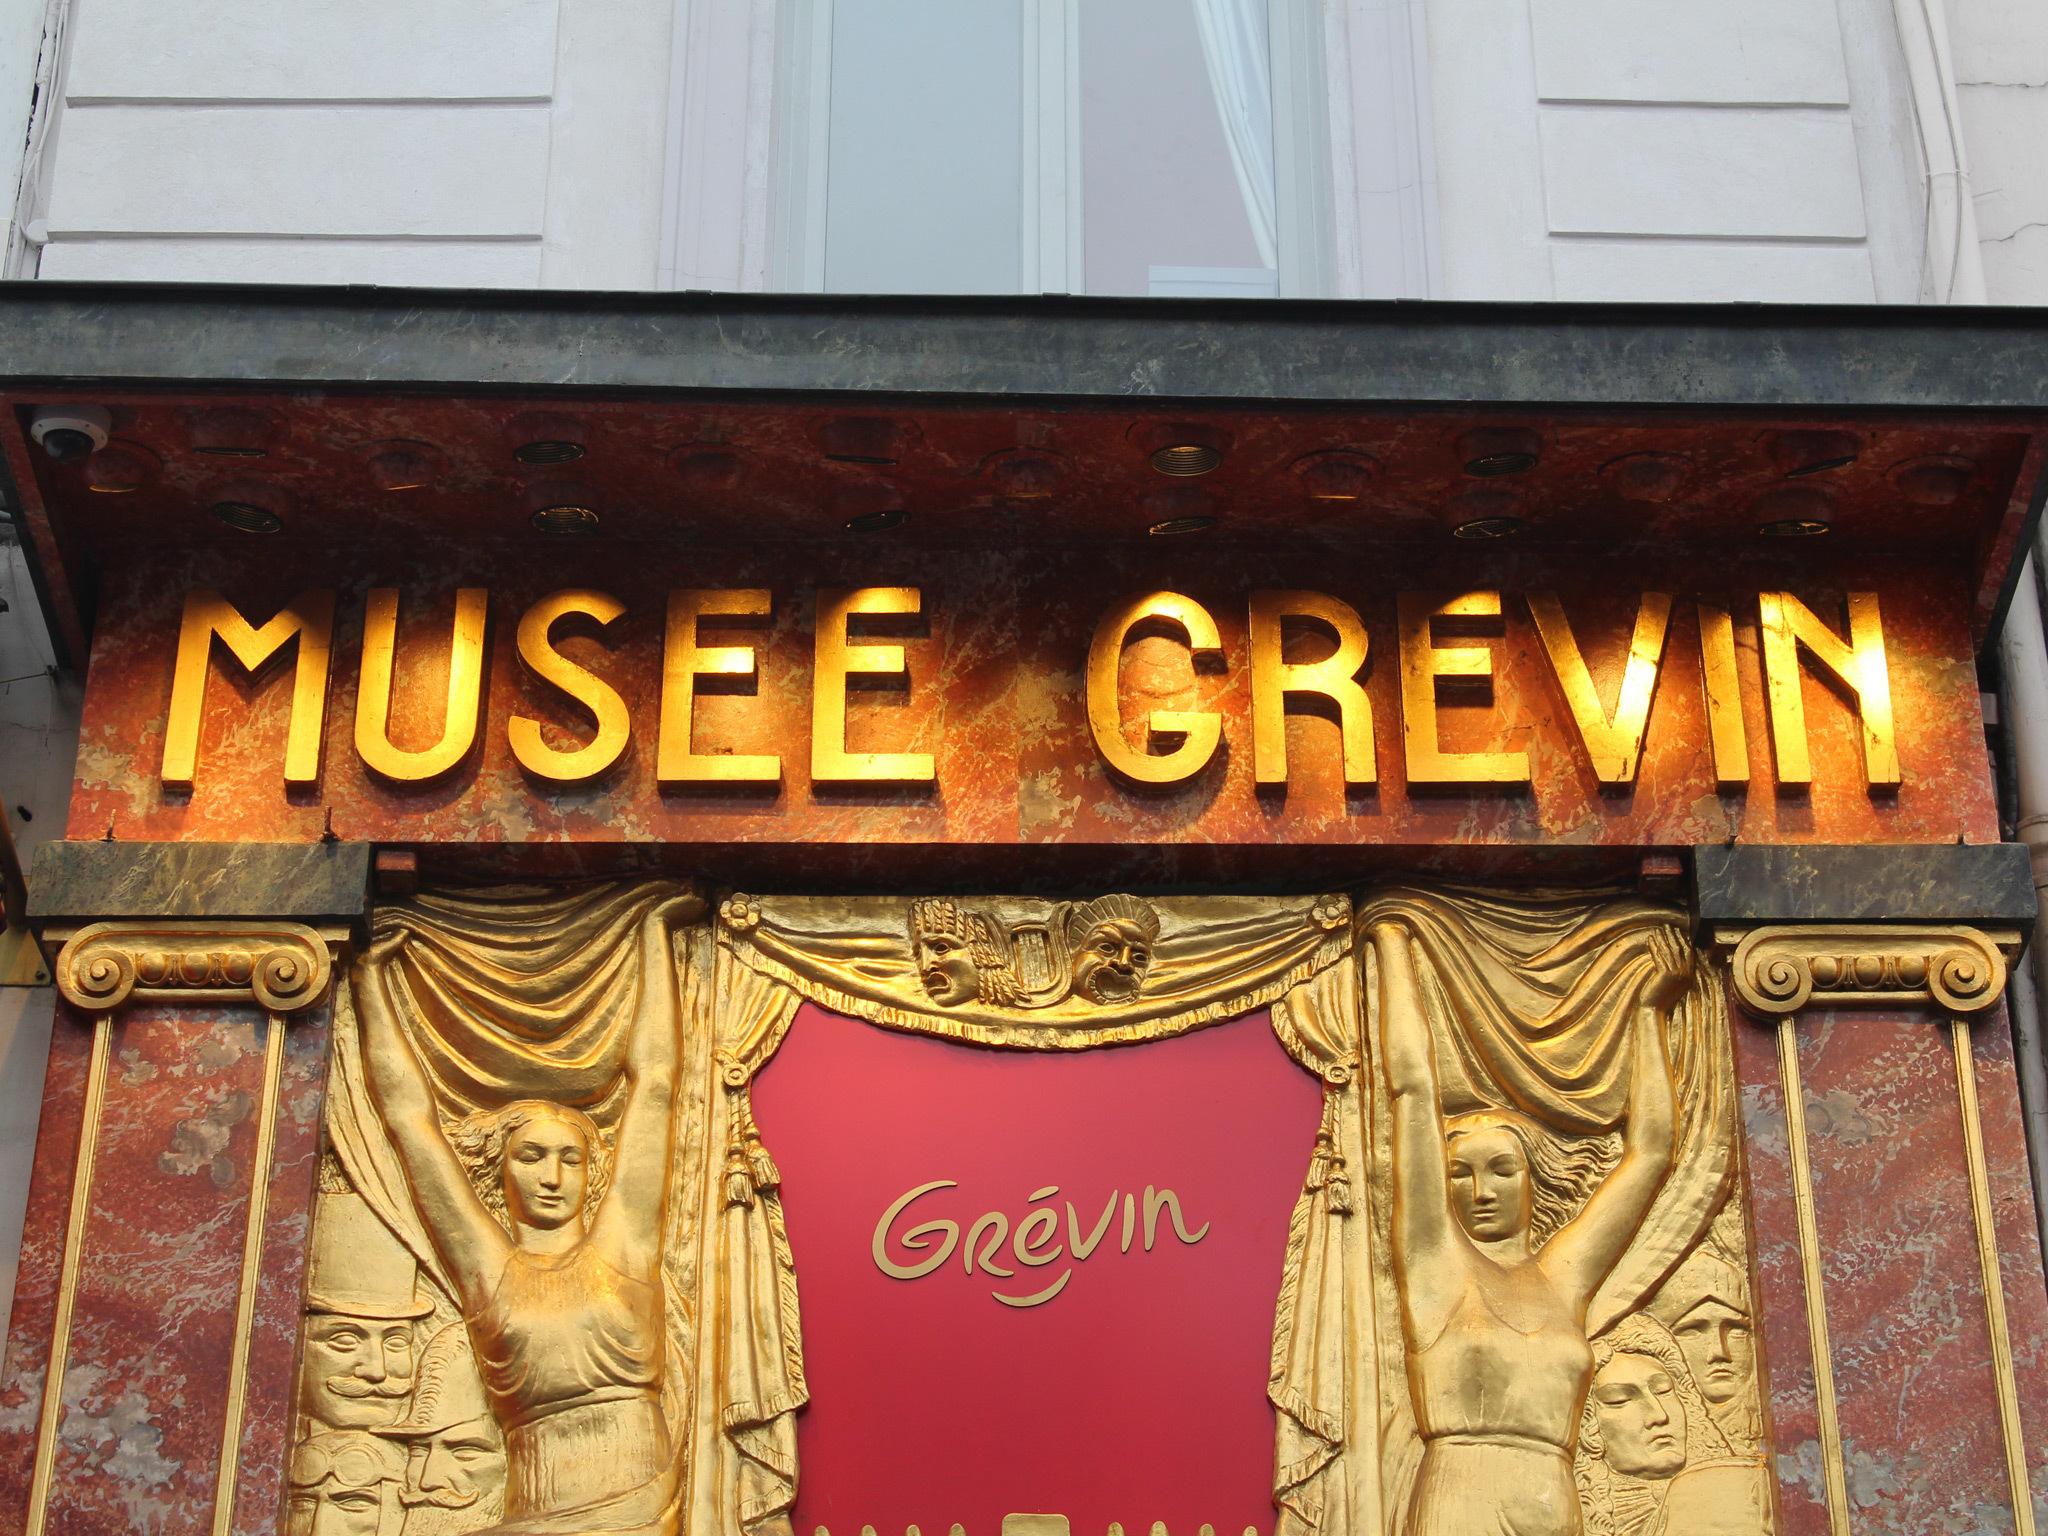 Musée Grevin waxwork museum in Paris